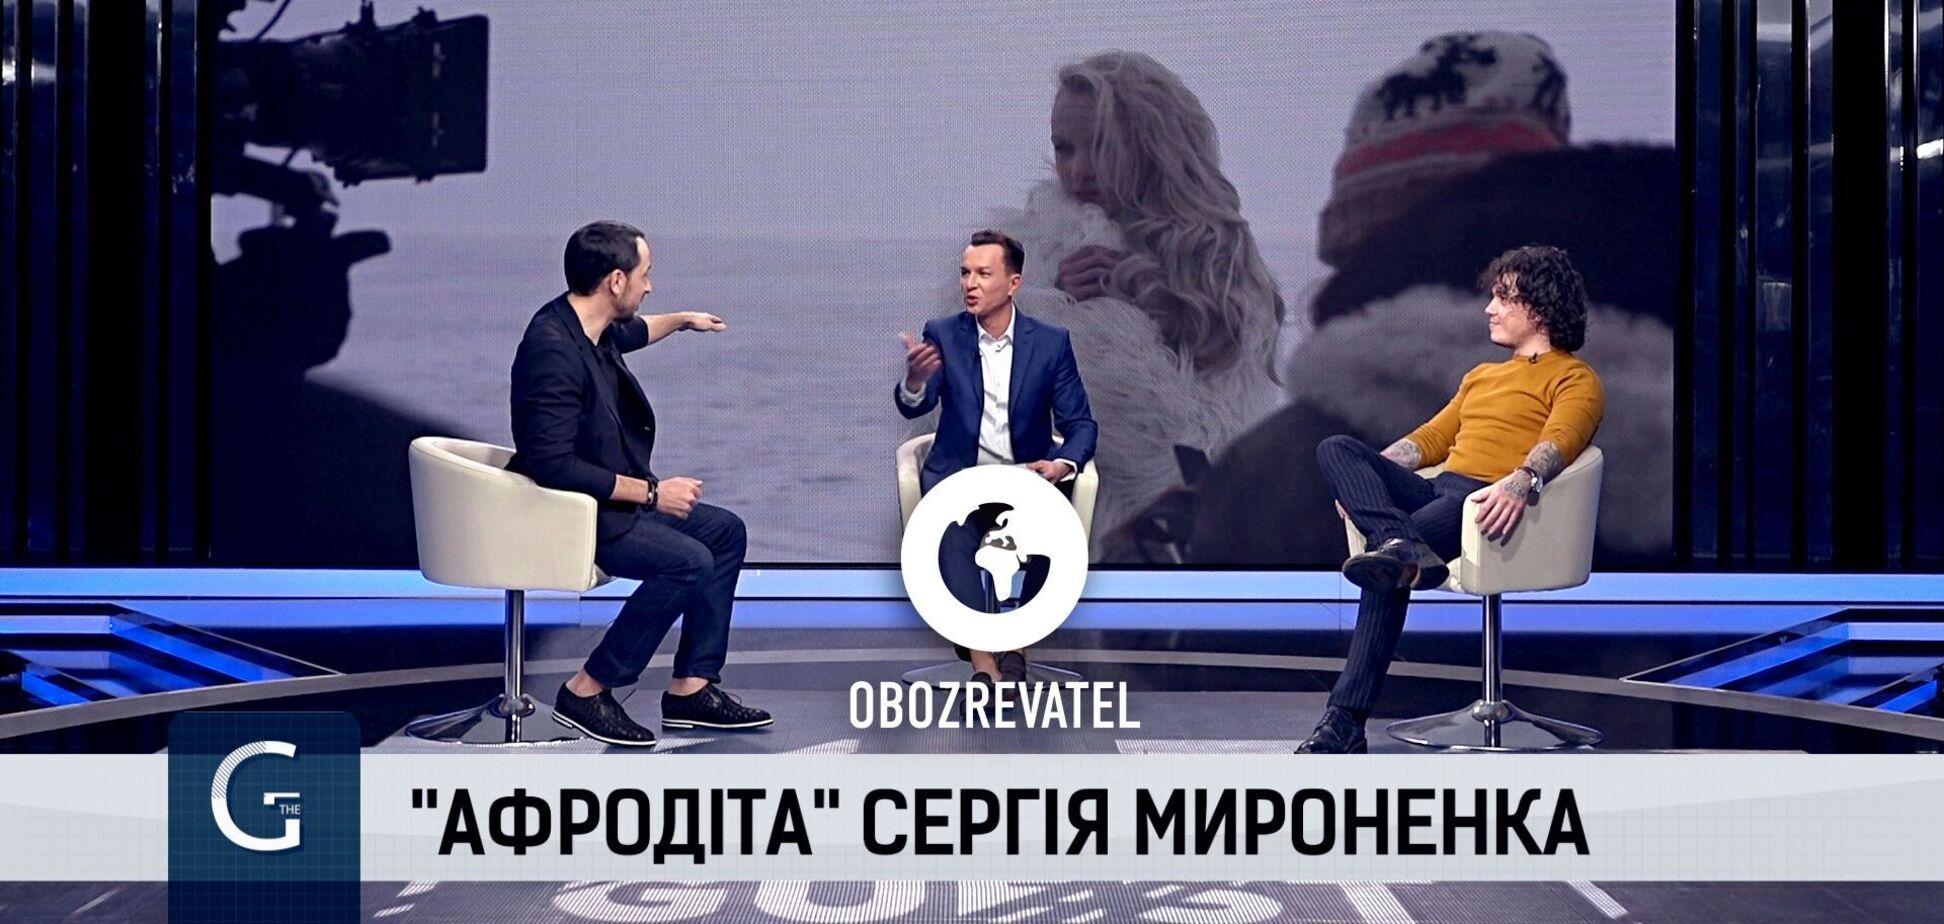 Певец Сергей Мироненко, в рамках проекта TheGuest презентовал видео на новый трек 'Афродита'